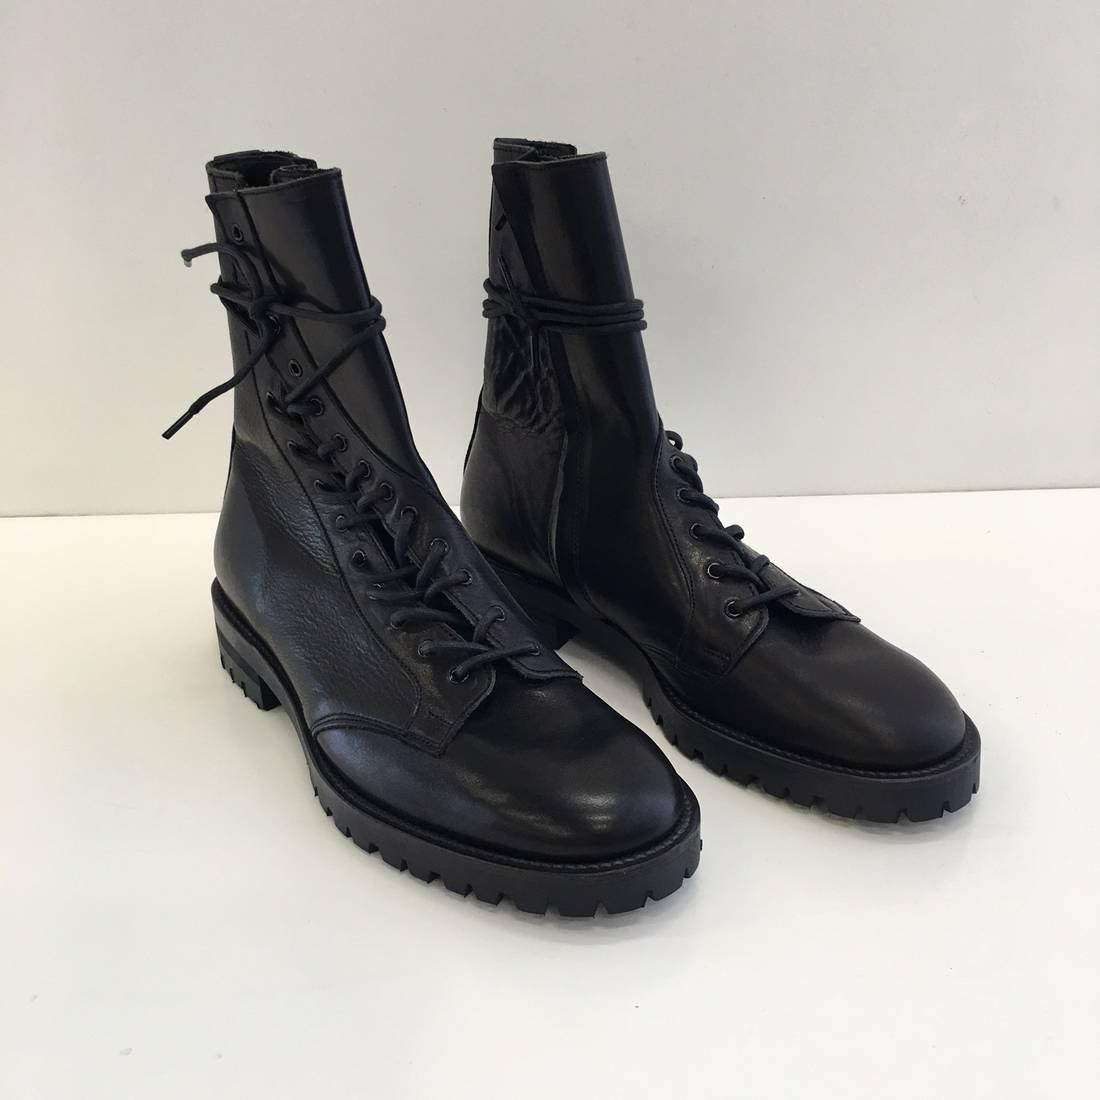 FOOTWEAR - Lace-up shoes Yohji Yamamoto Us8kn